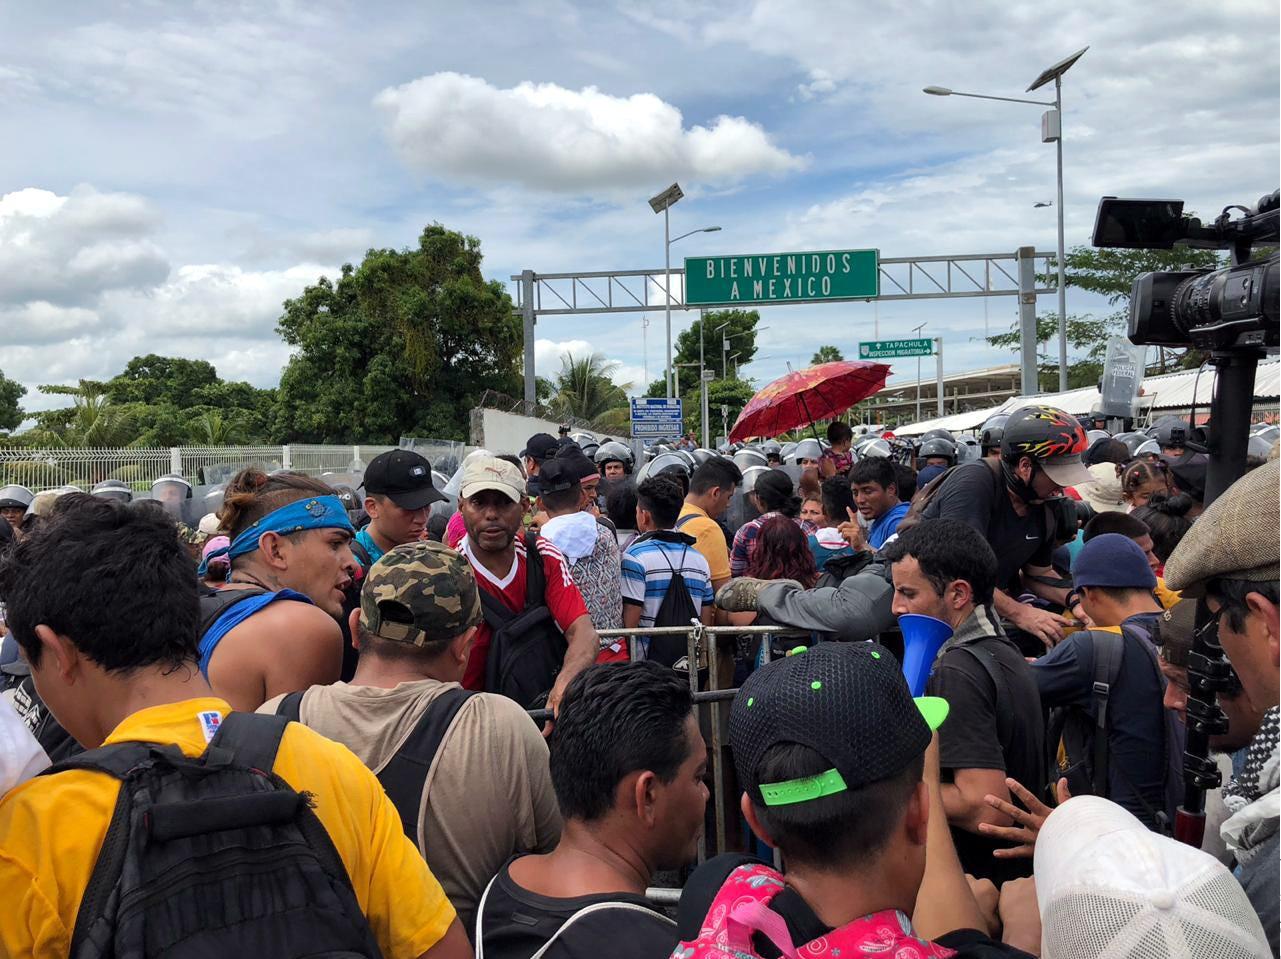 Hasta anoche sumaban en lista 4 mil 976 hondureños, cifra que podría representar apenas la mitad de los que están en la frontera guatemalteca esperando pasar a México, según diversas estimaciones.